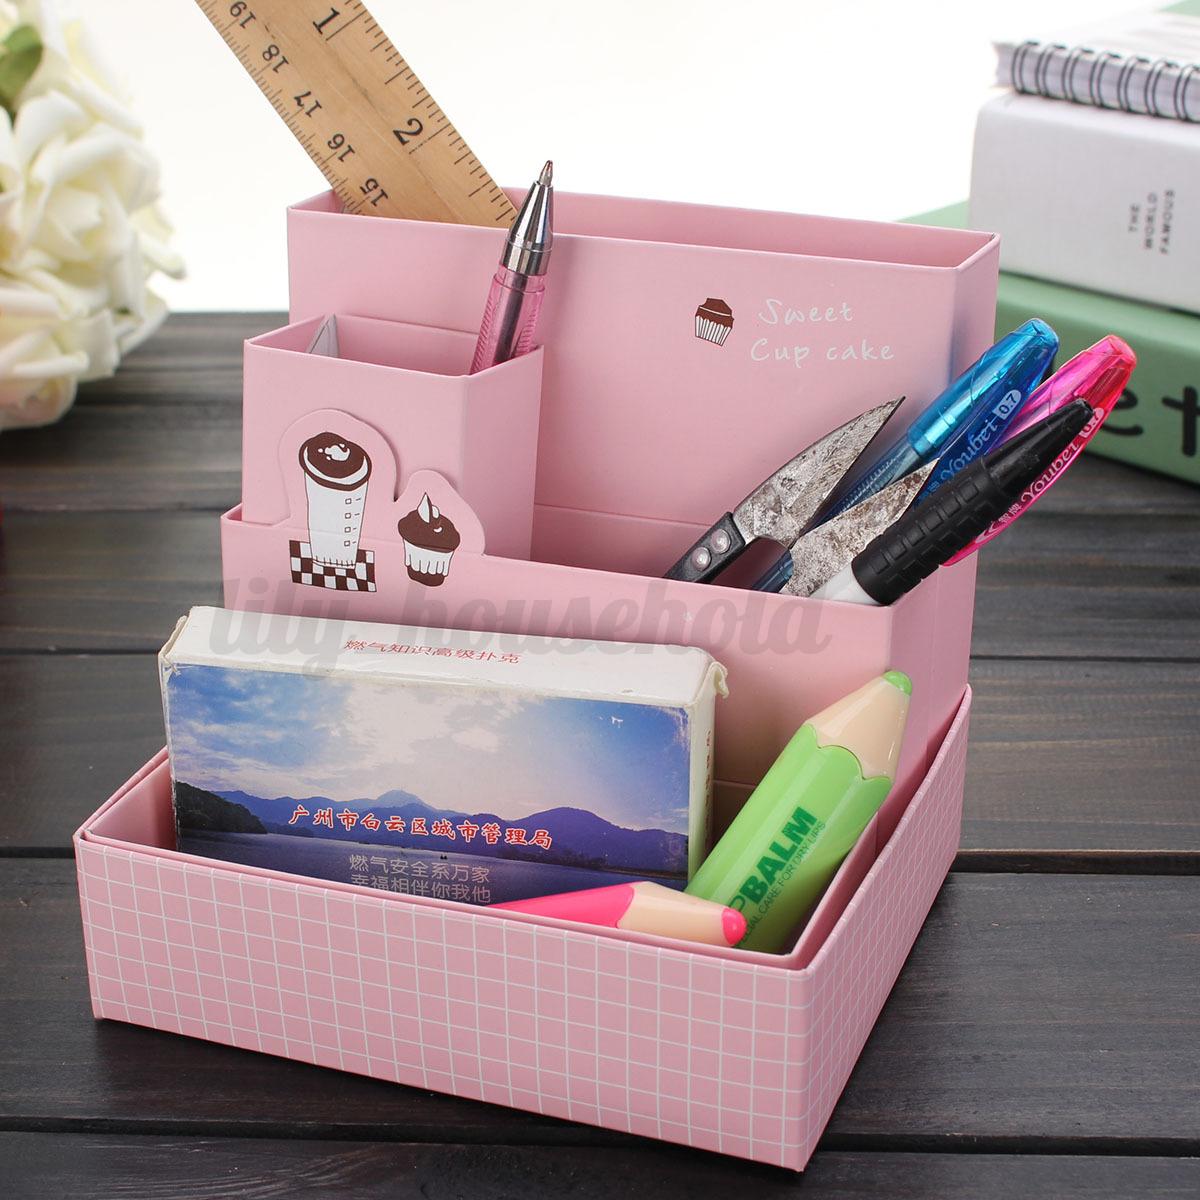 schreibtisch stiftehalter papier aufbewahrungsbox verfassung kosmetik organizer ebay. Black Bedroom Furniture Sets. Home Design Ideas